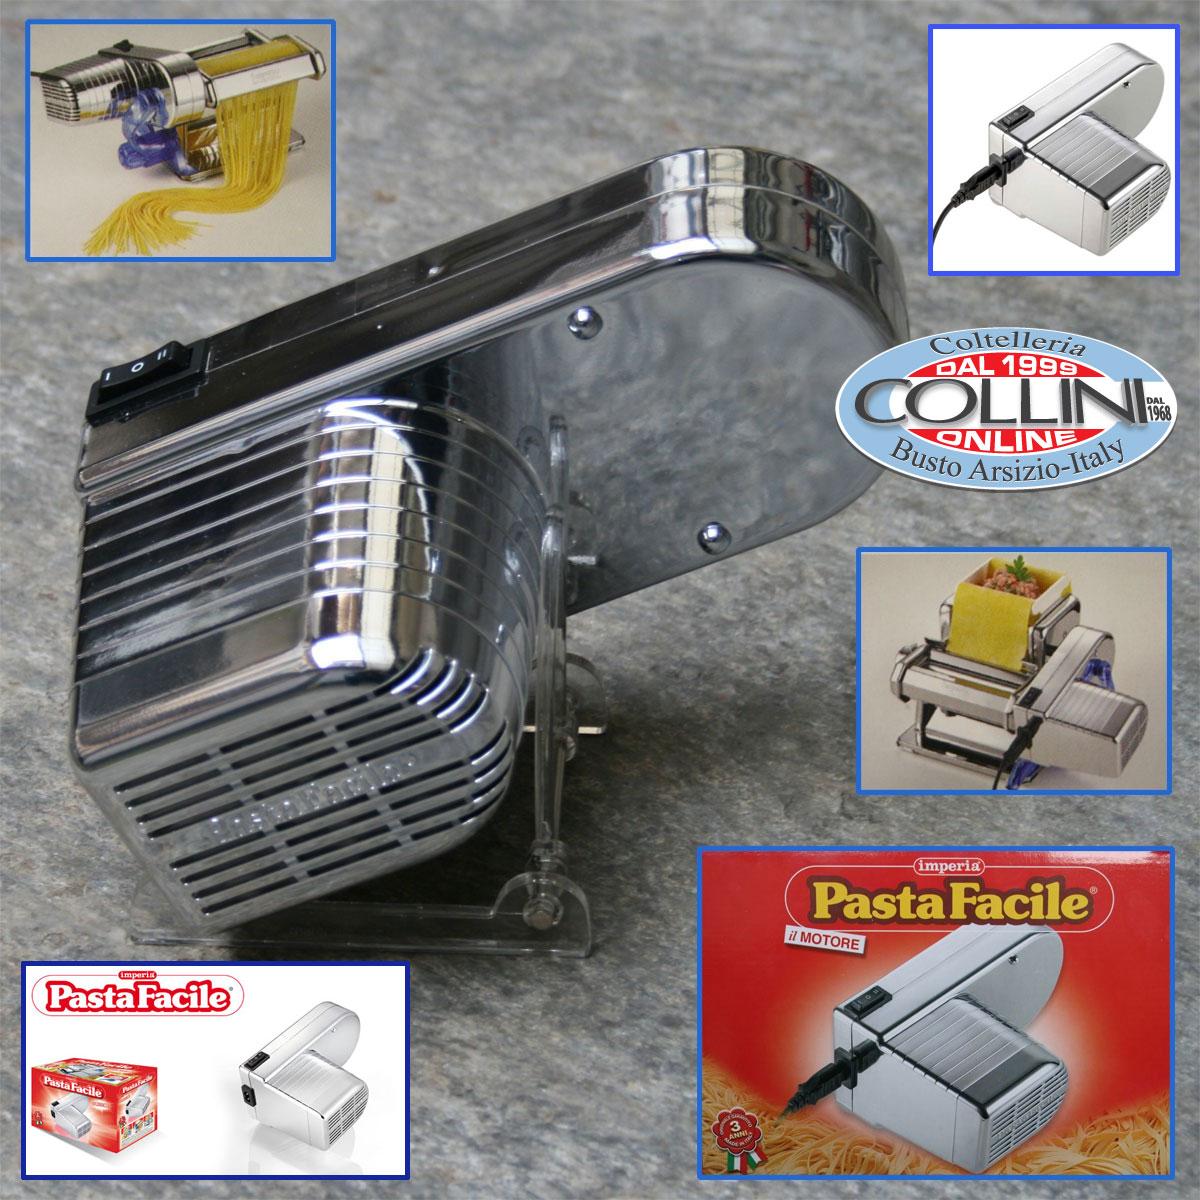 Imperia Pasta Facile Pasta Machine Motor